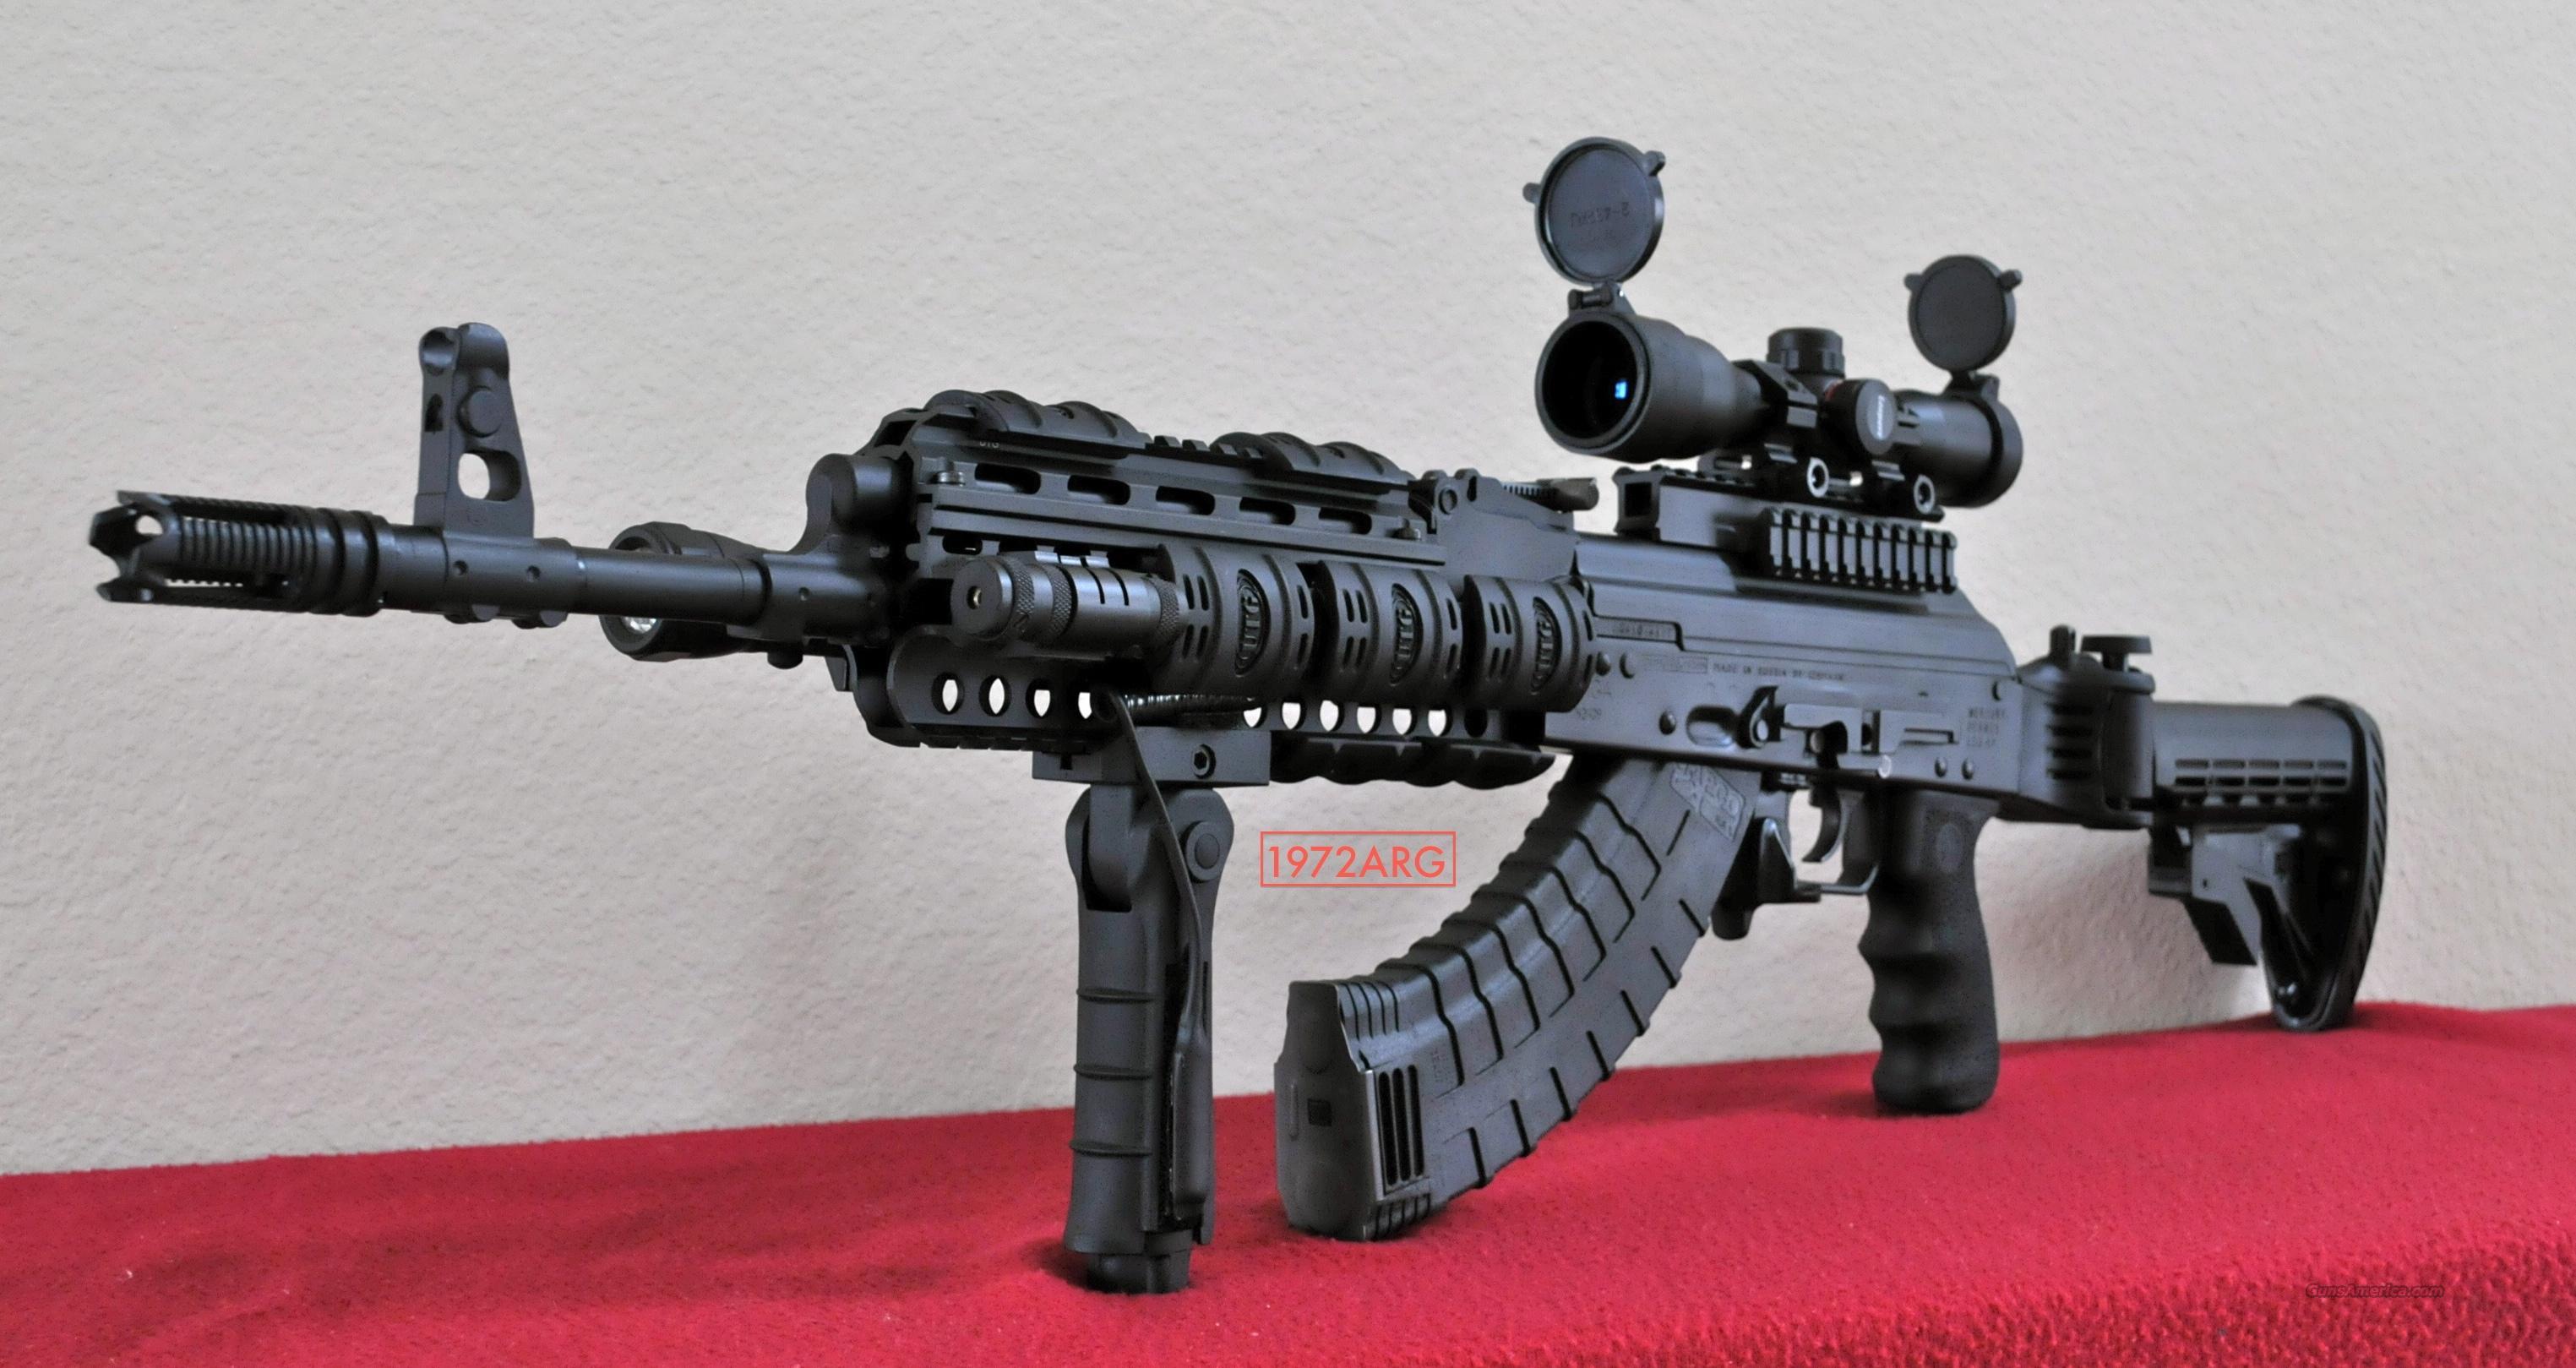 SAIGA AK 47 KIROV TACTICAL SERIES